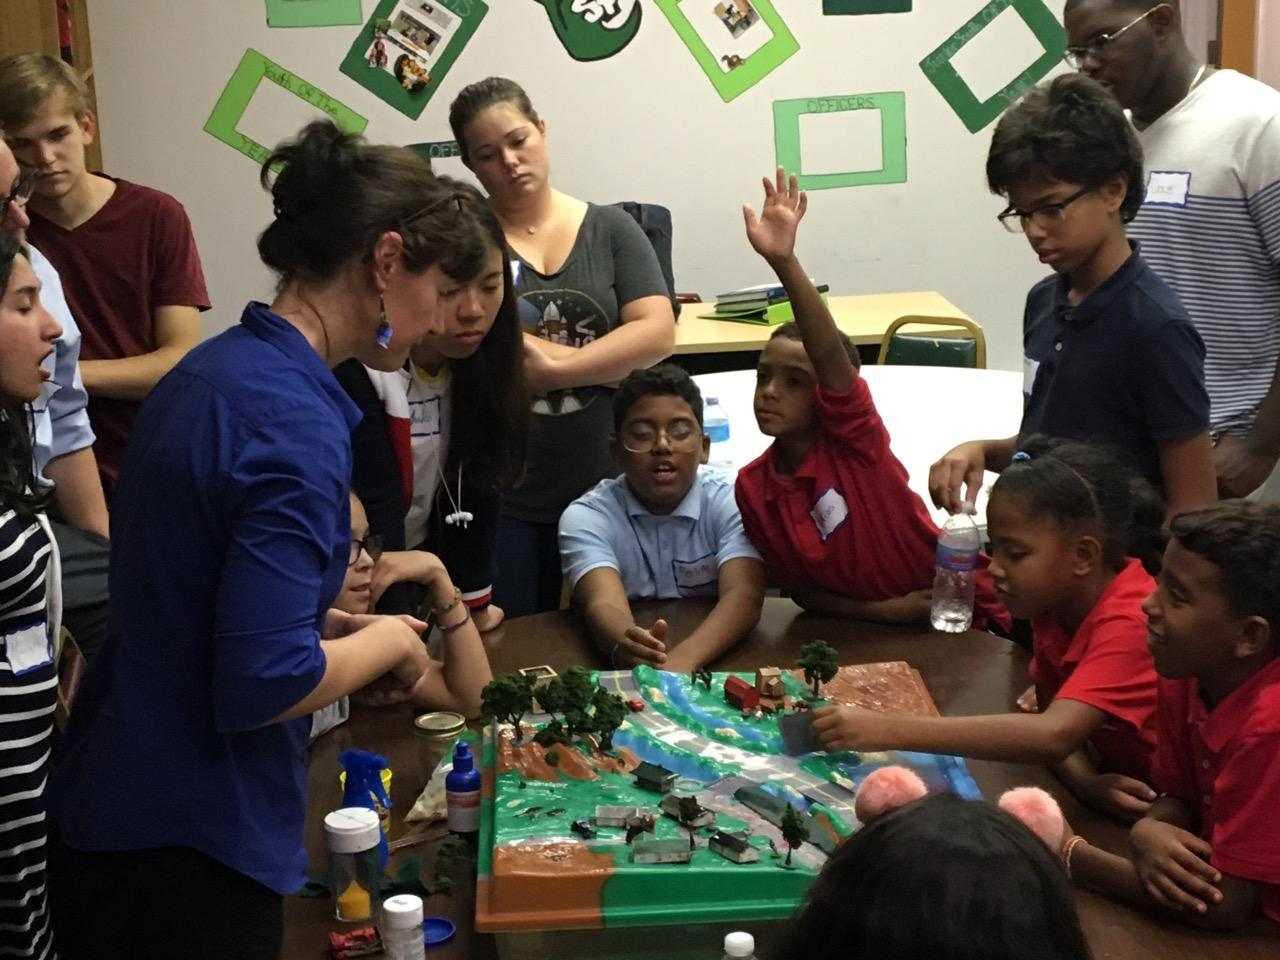 Olivet children using the EnviroScape learning tool